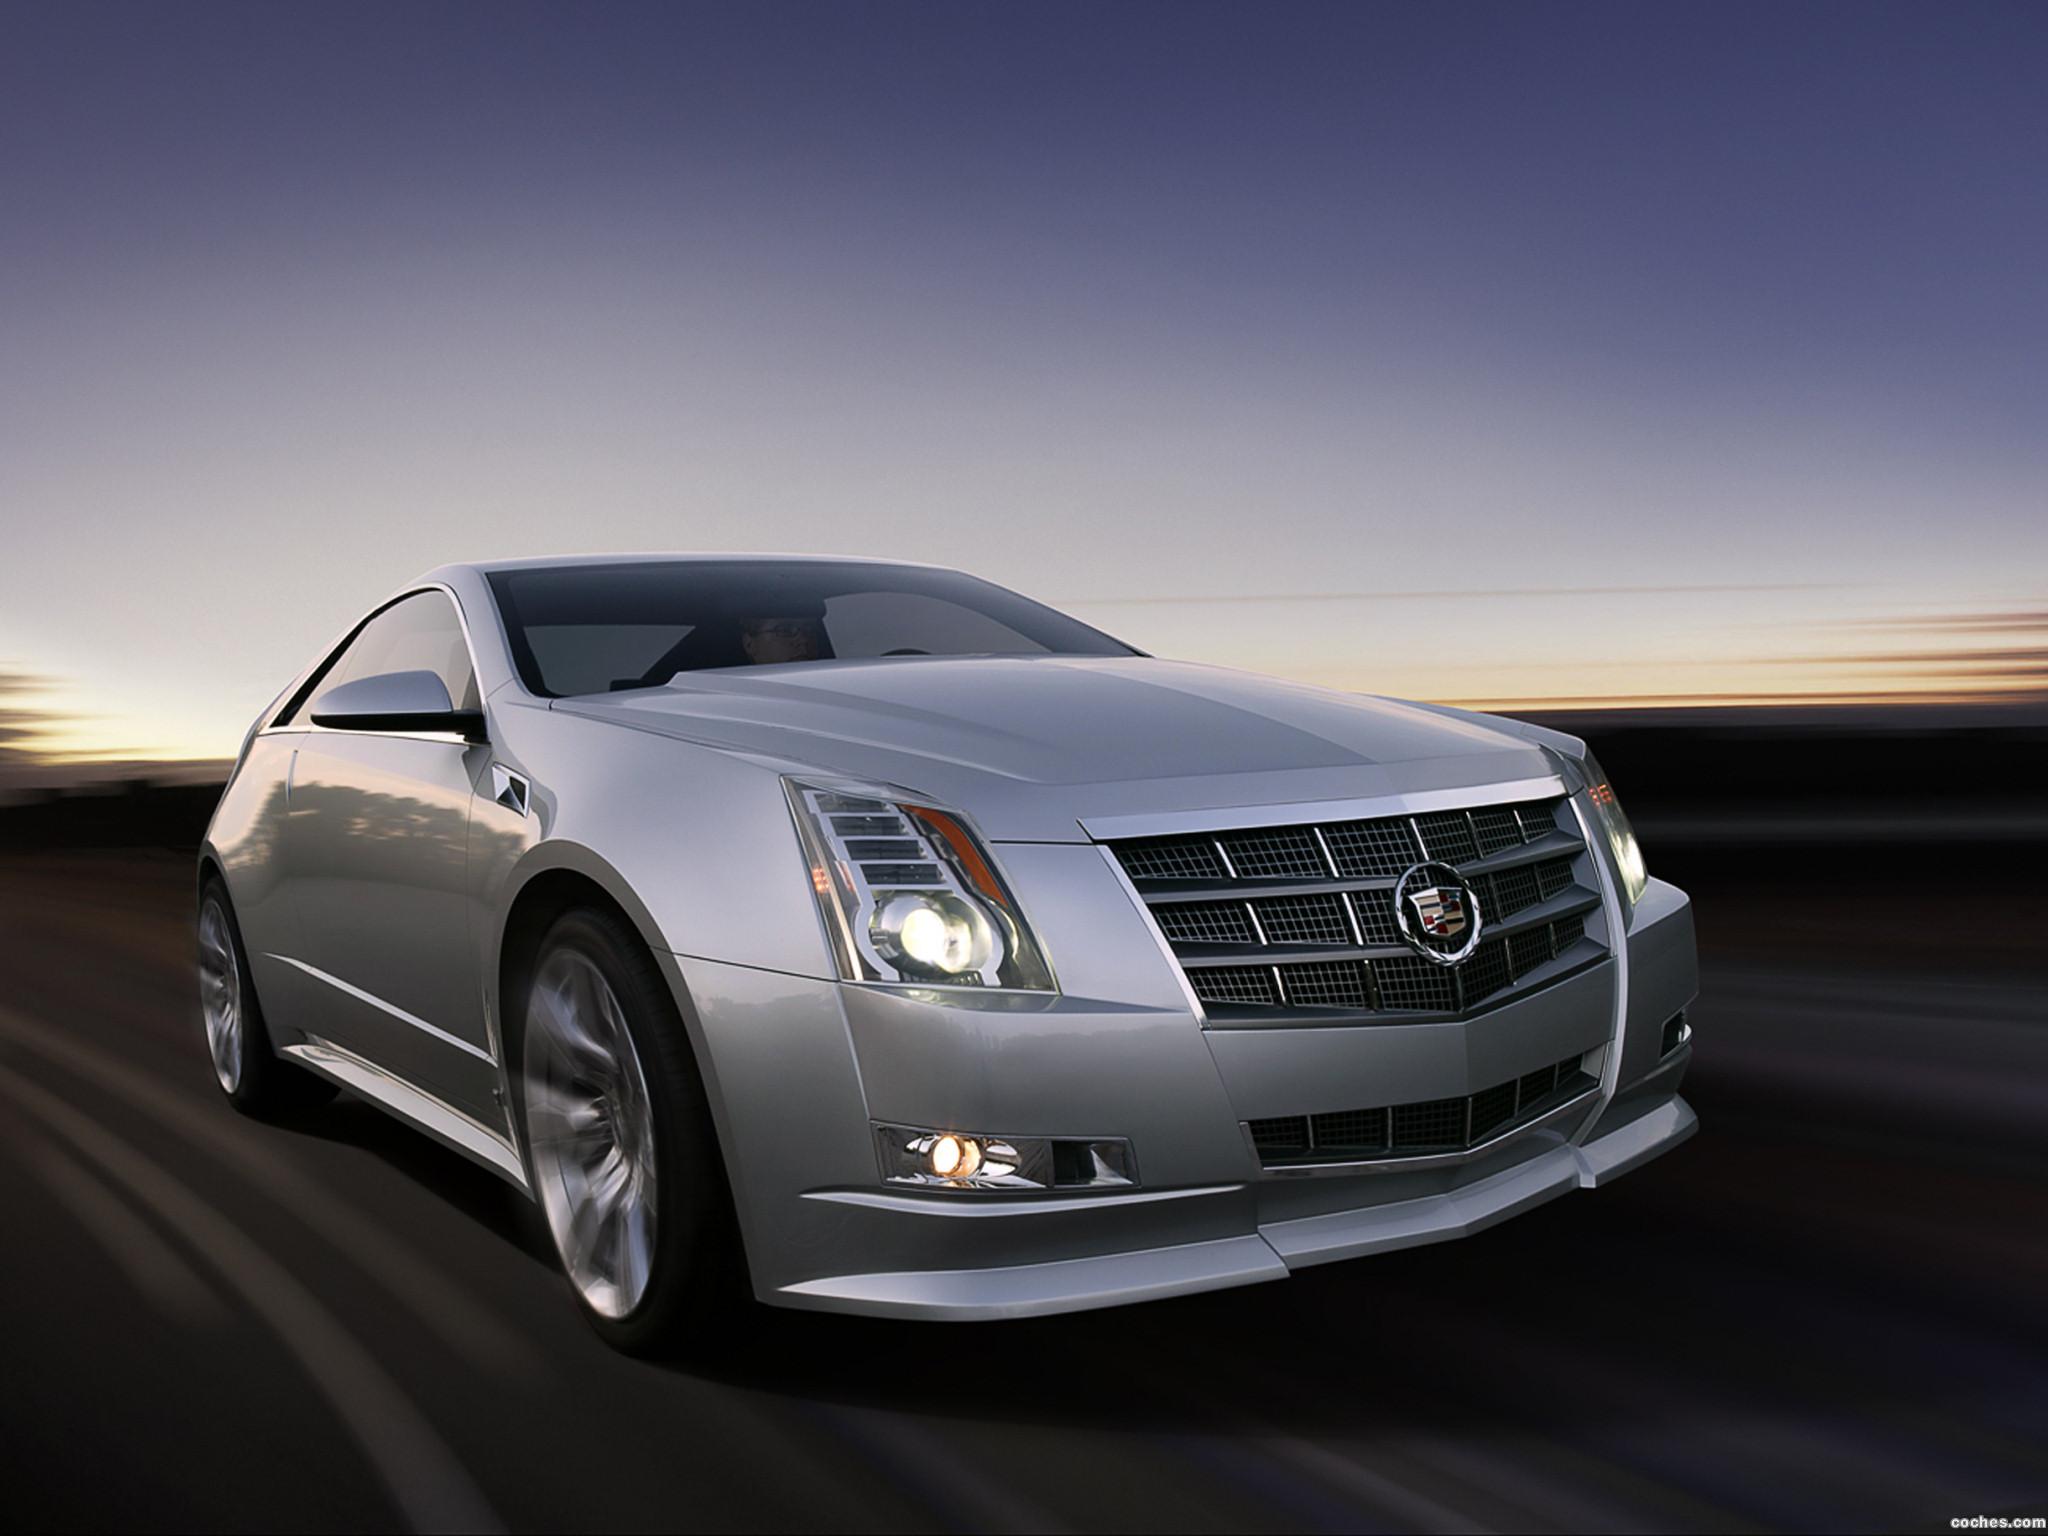 Foto 0 de Cadillac CTS Coupe Concept 2008